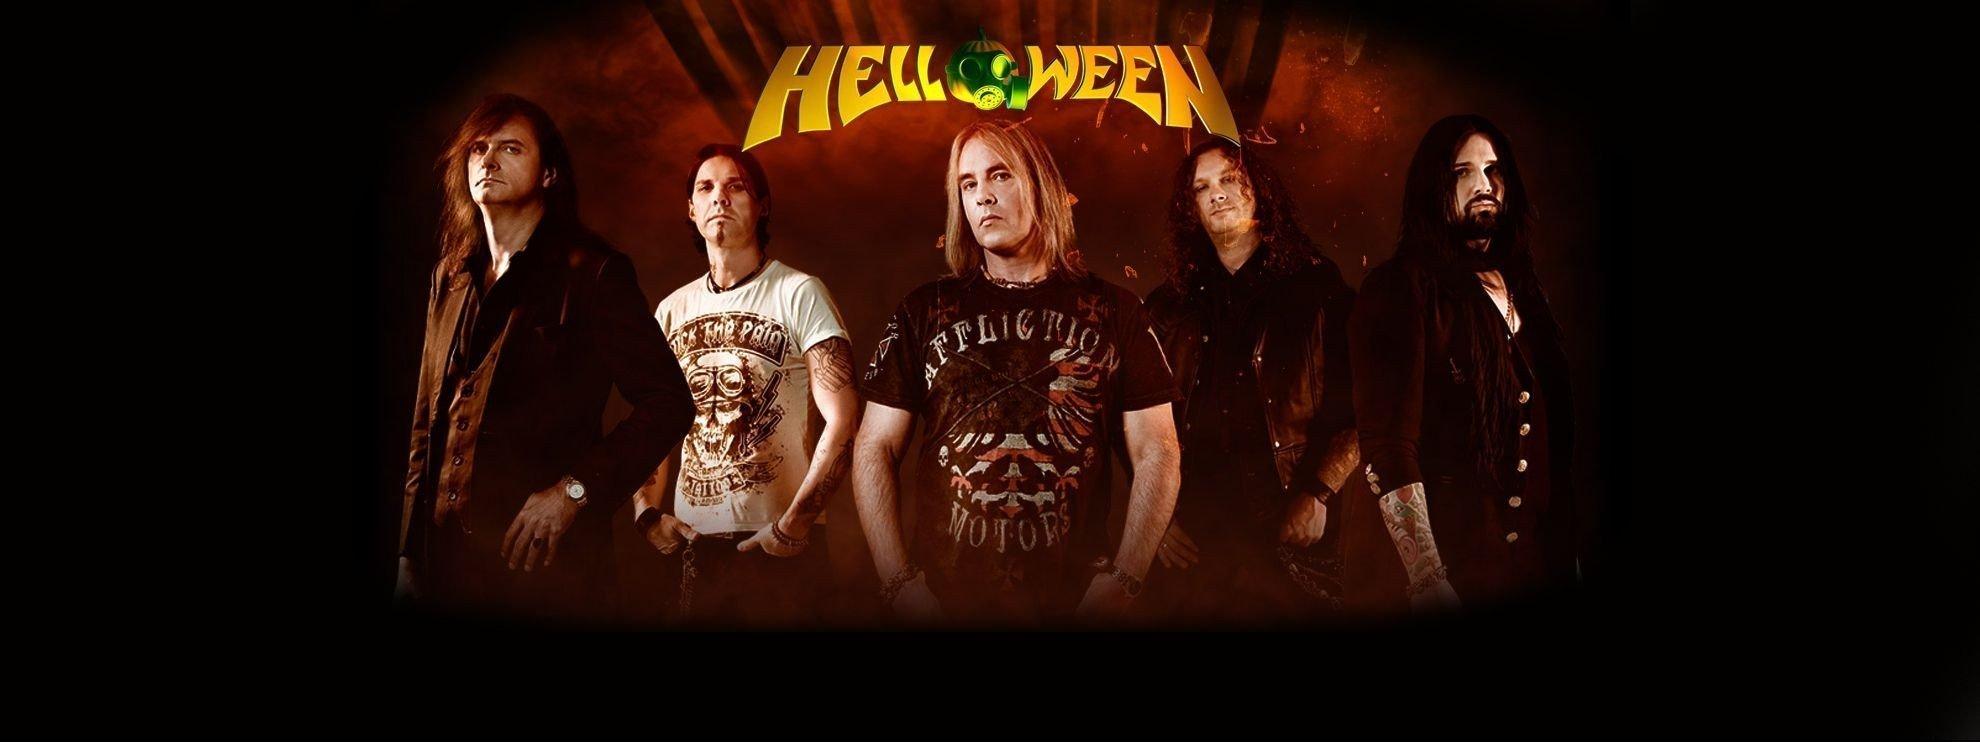 исполнитель Helloween (Хеллоуин)